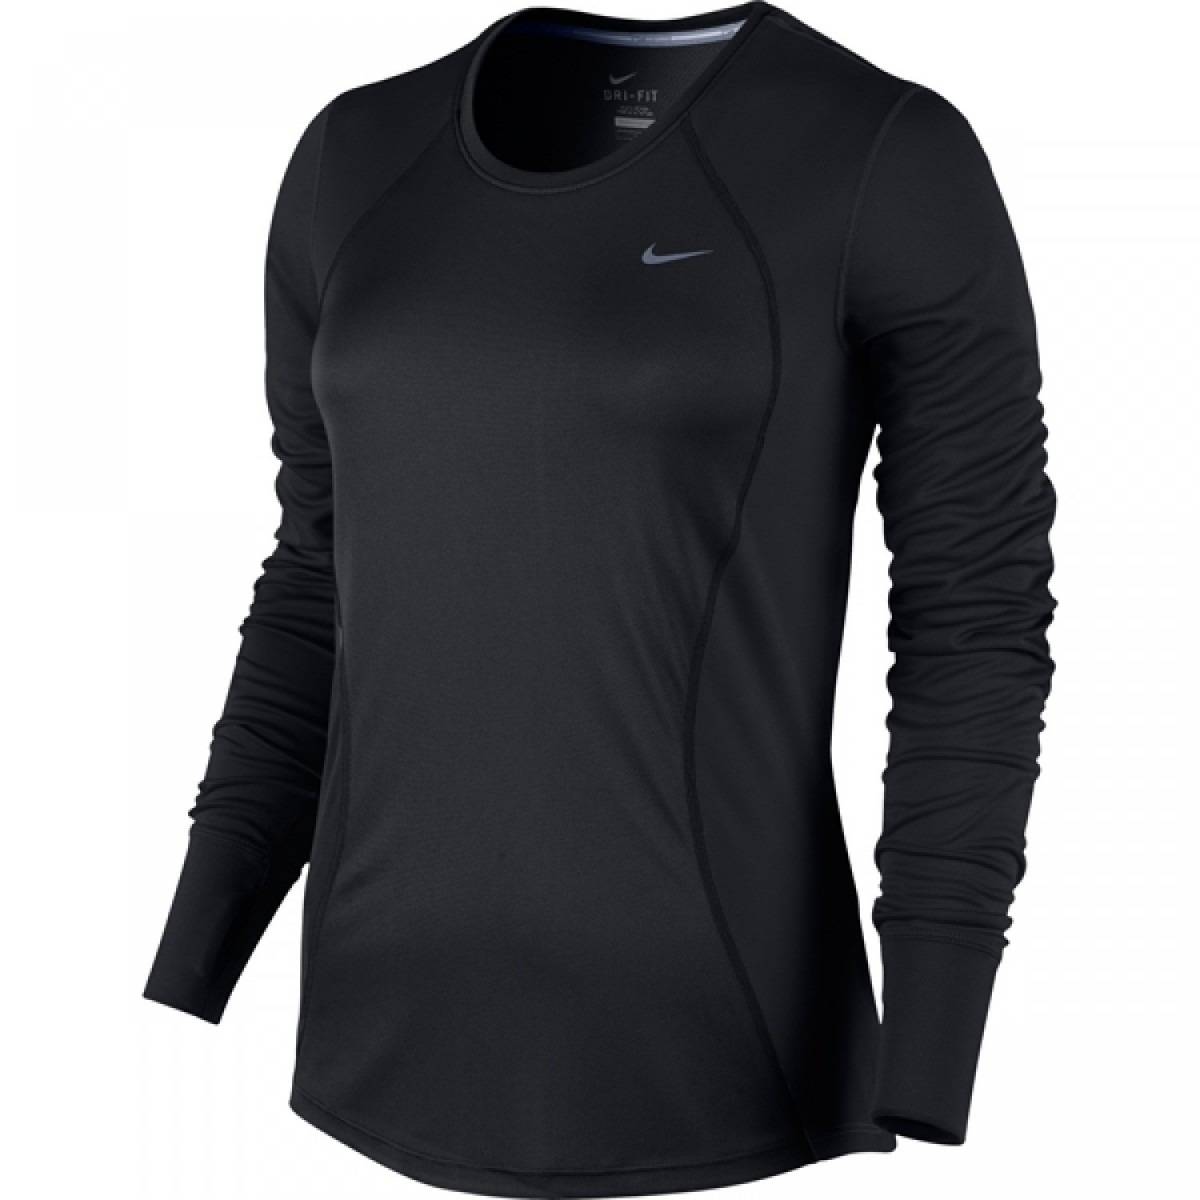 b65f89698 camiseta nike racer manga longa fitness academia loja freecs. Carregando  zoom.